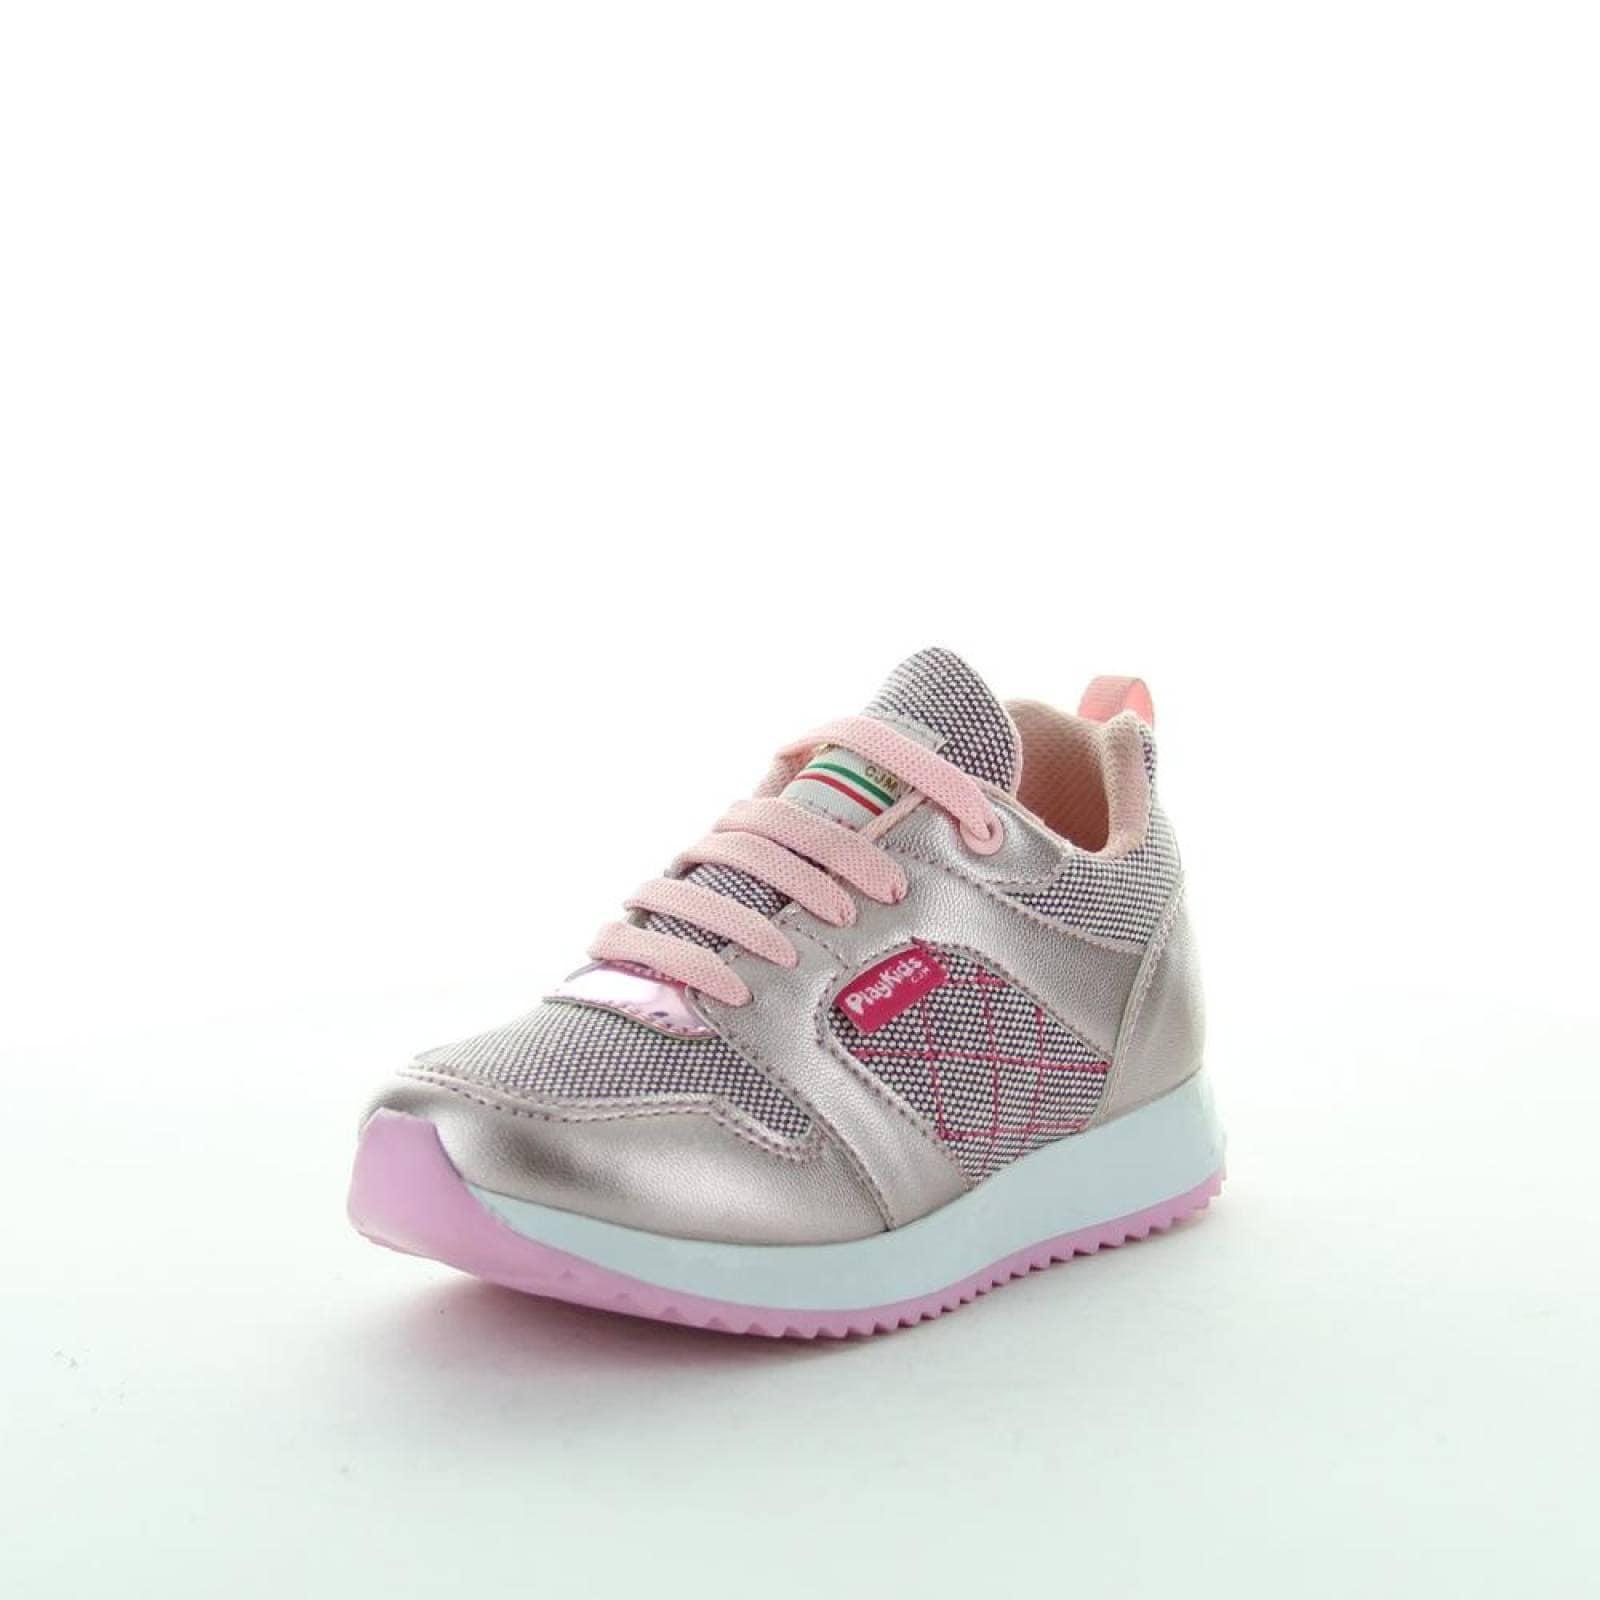 Tenis Moda Niña Salvaje Tentación Rosa 22103100 Textil